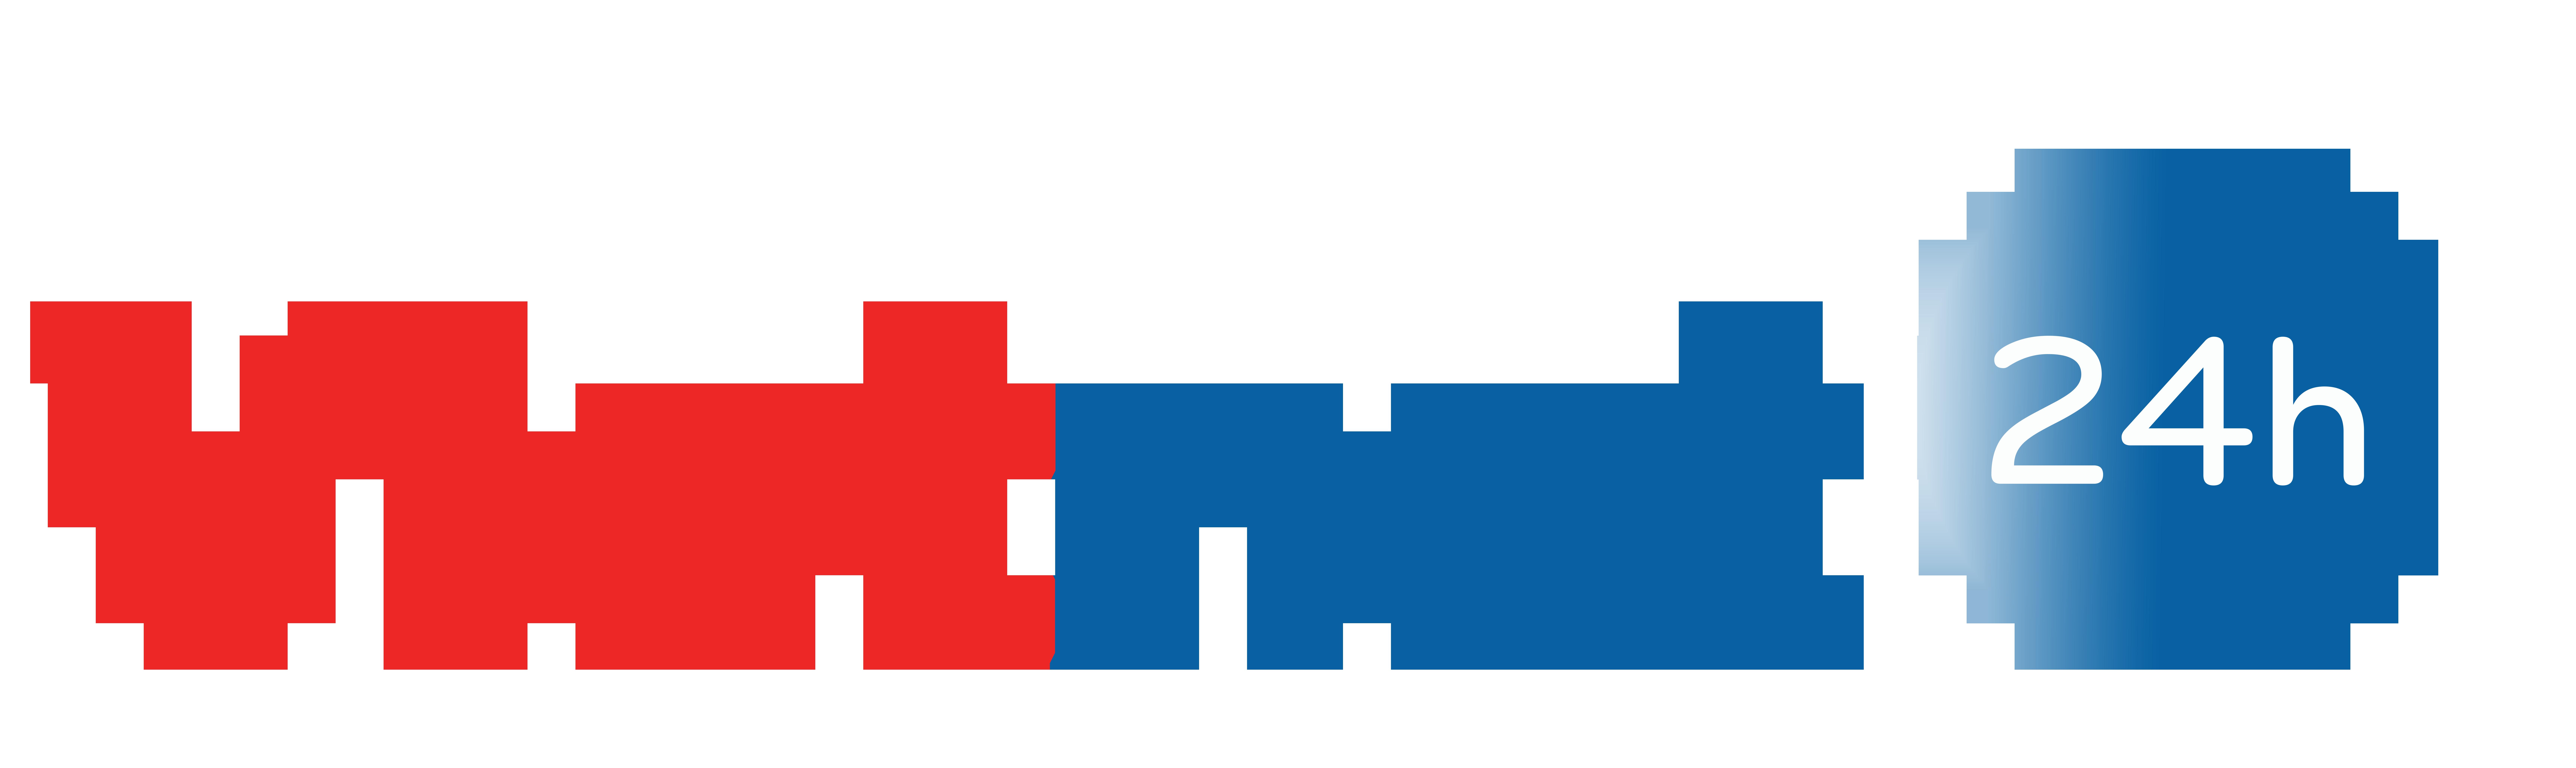 Tạp chí Điện tử Vietnet24h, cơ quan ngôn luận của Hiệp hội Doanh nghiệp Điện tử Việt Nam